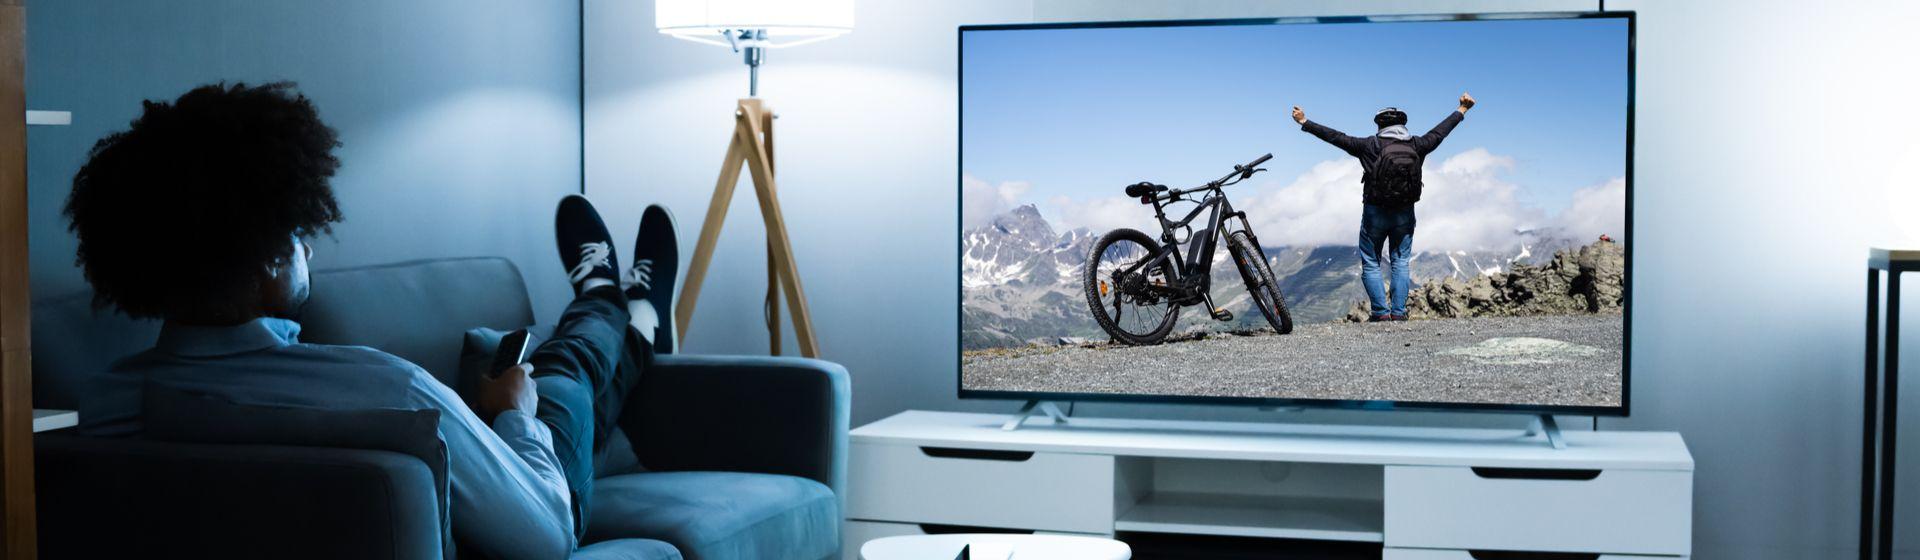 Melhor TV 55 polegadas de 2021: veja a seleção